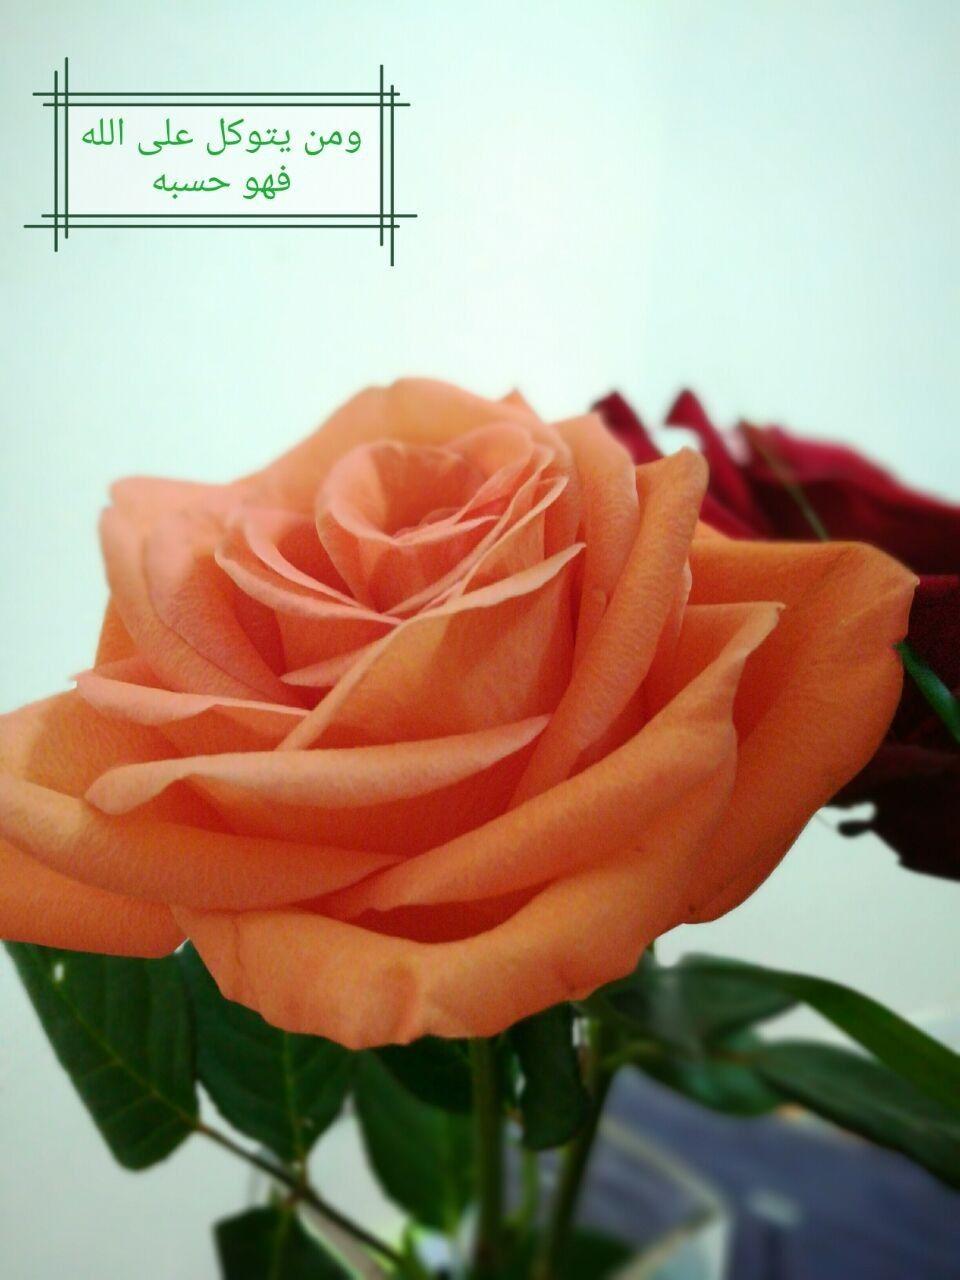 Orange Rose Good Morning أوتاد مسقط للتجارة صباح الخير ومن يتوكل على الله فهو حسبه Plants Rose Flowers